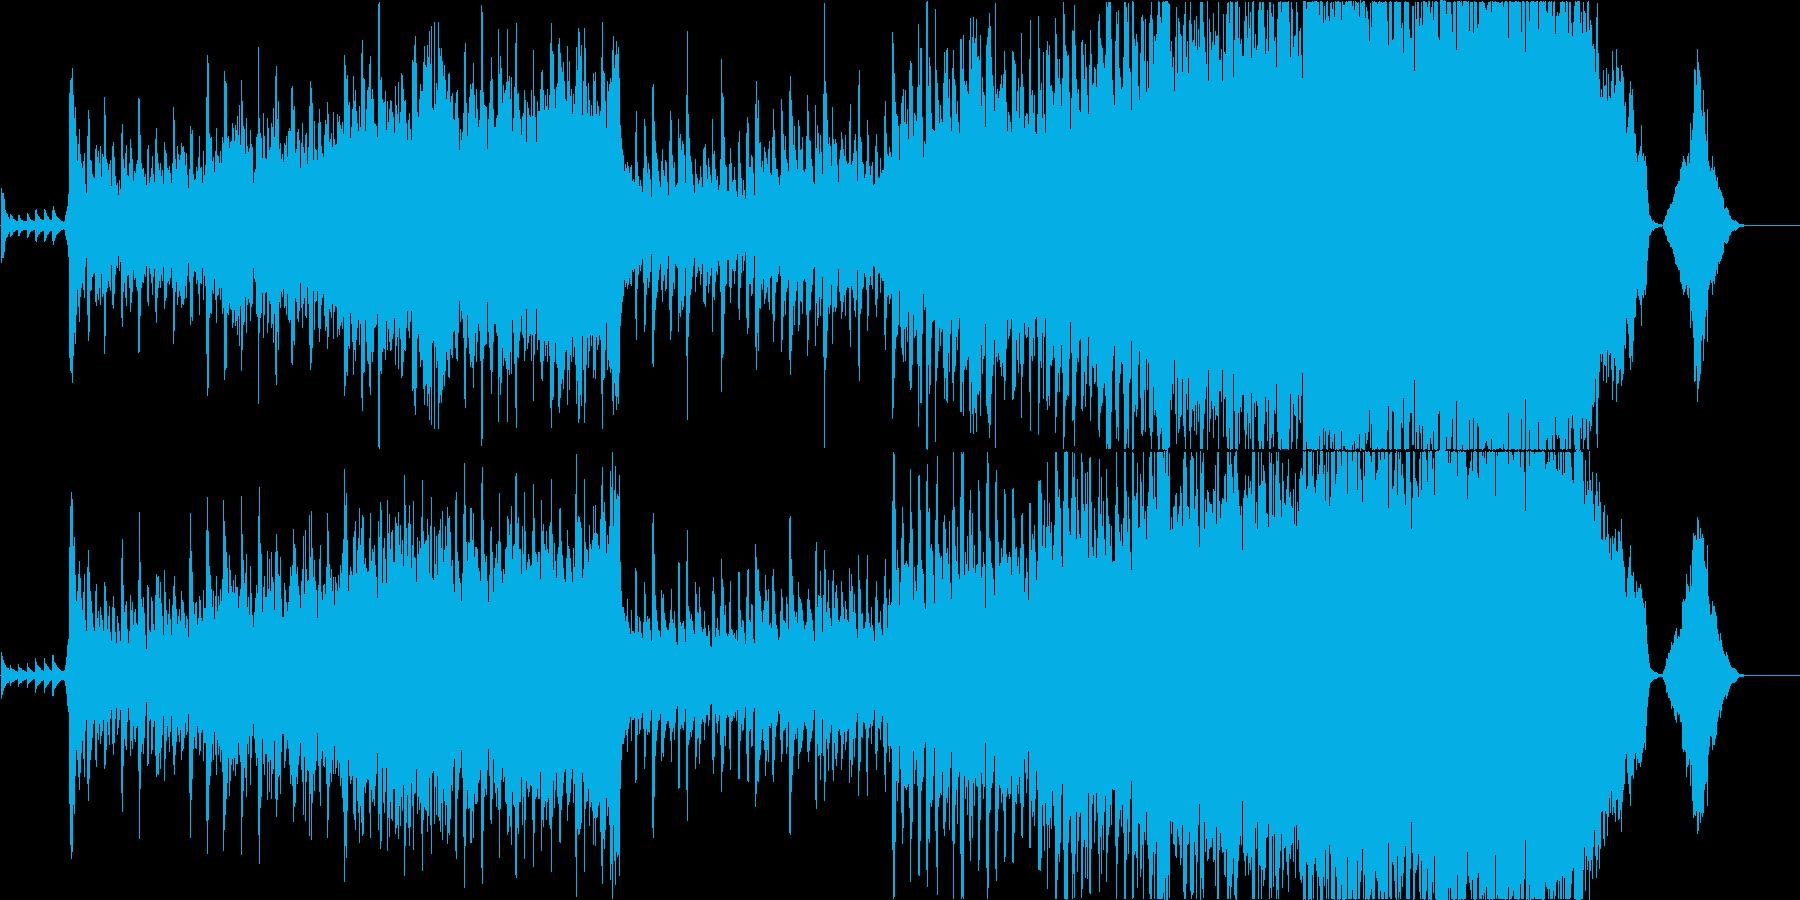 オーケストラを使用した、壮大で力強い曲の再生済みの波形